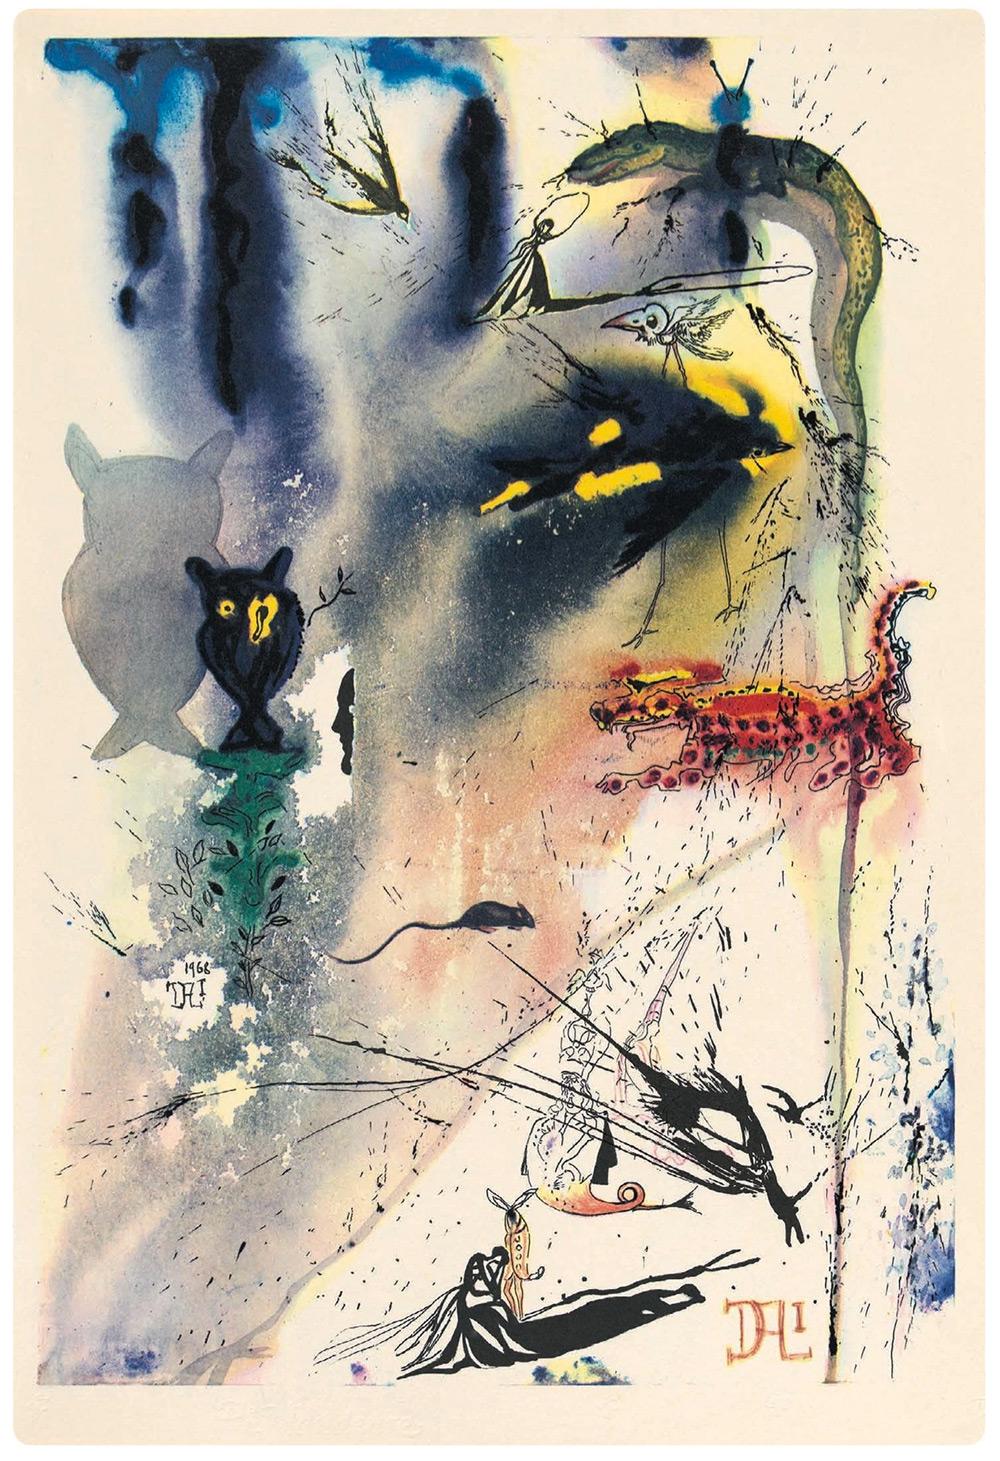 """150 років виданню """"Аліси в країні чудес"""" - унікальні ілюстрації Сальвадора Далі (1969)"""